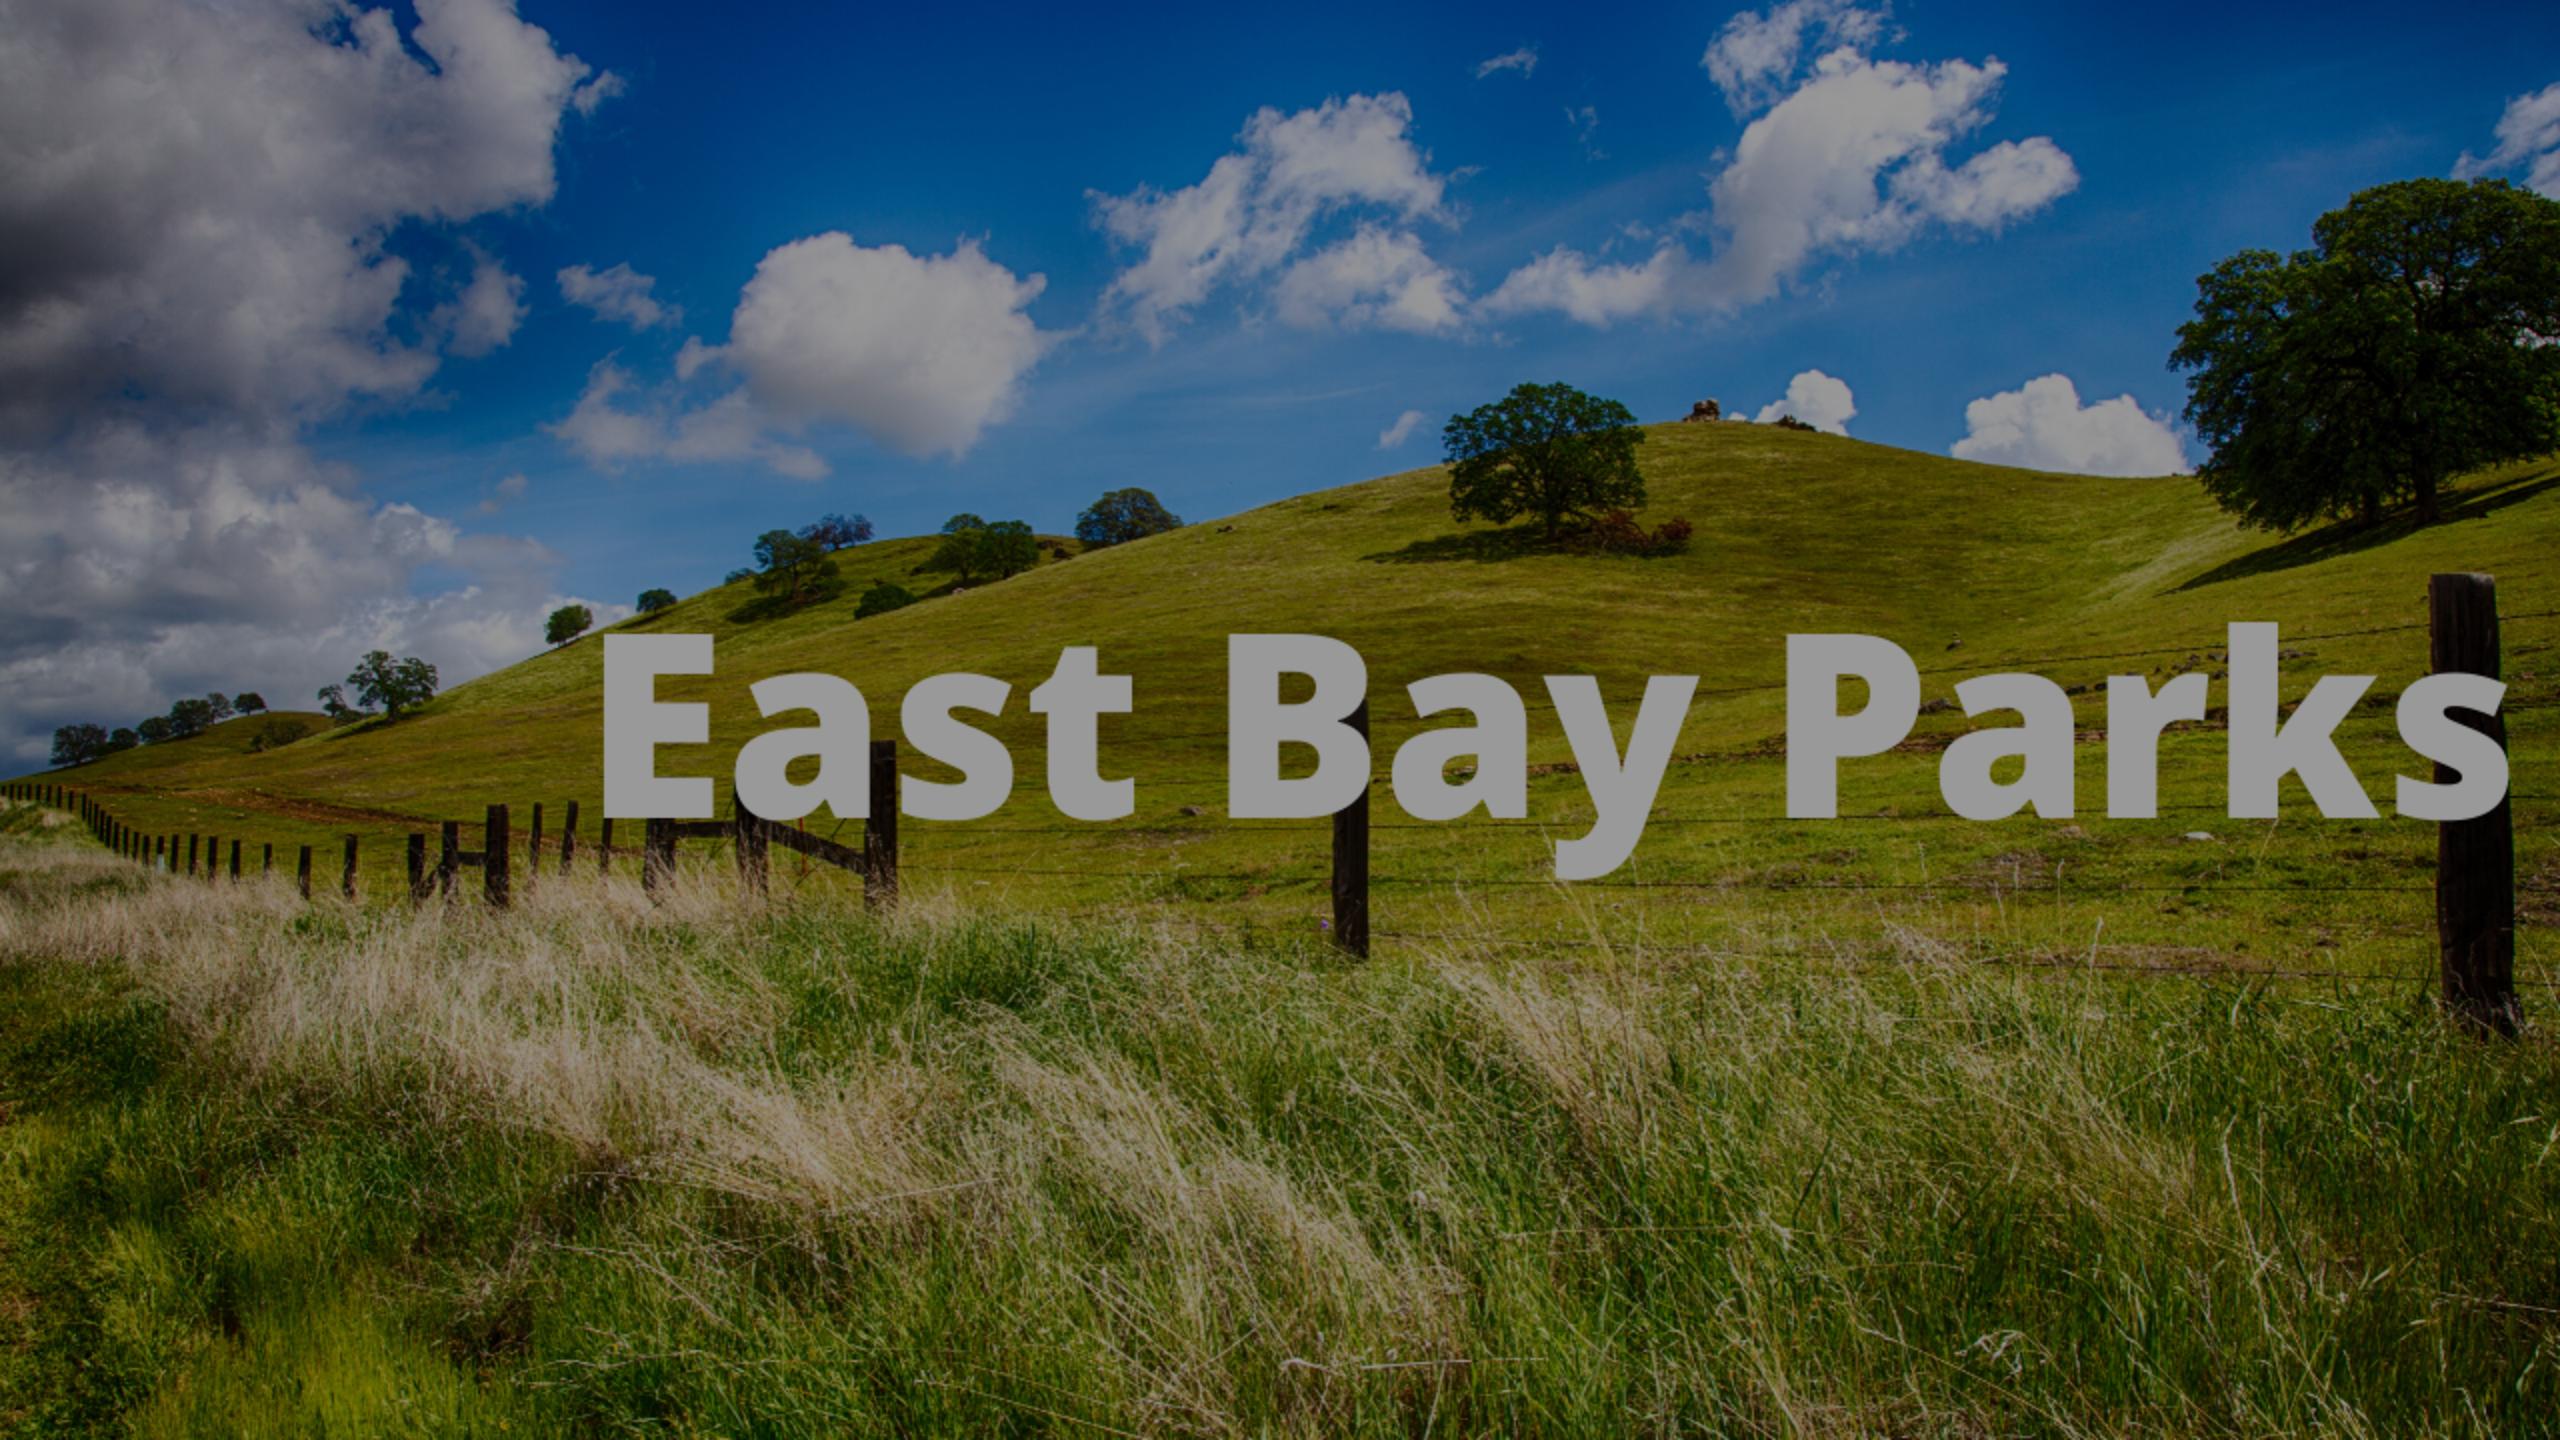 East Bay Parks